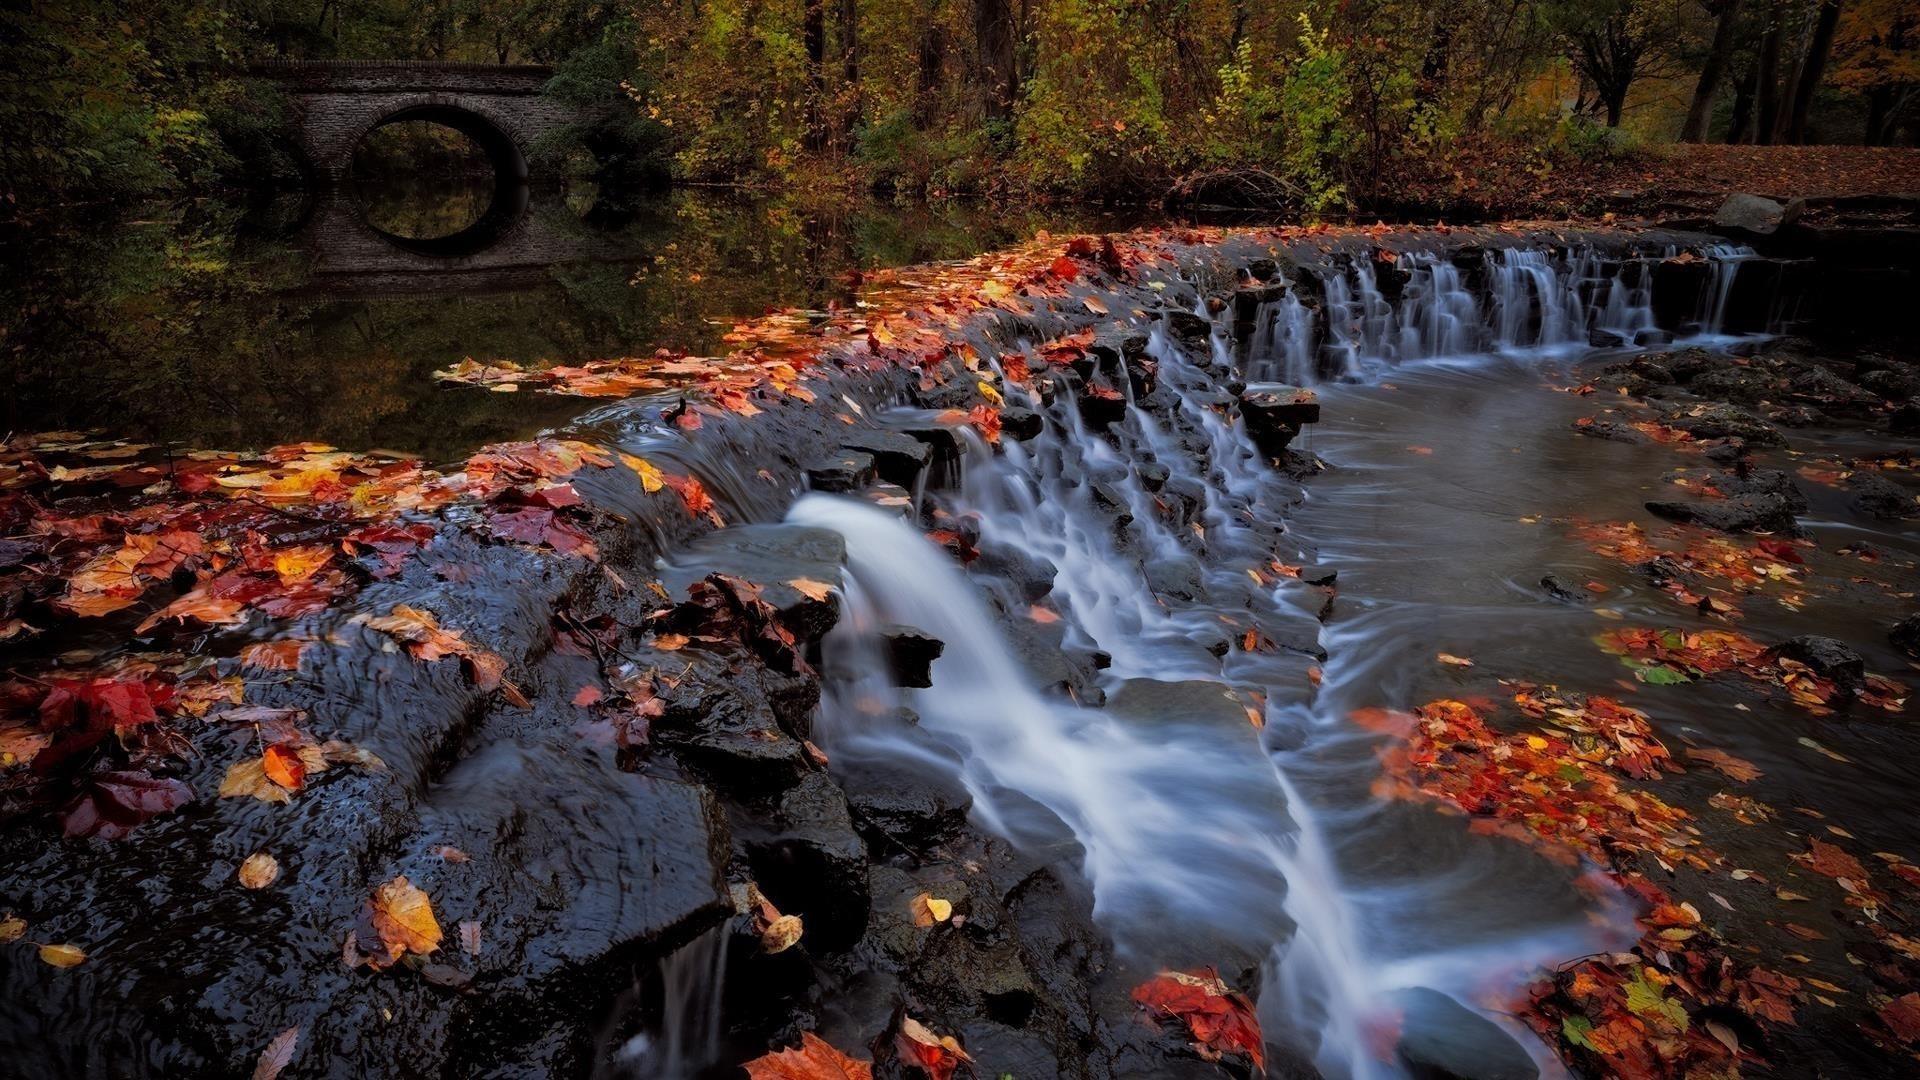 Водопад и листва деревья в лесу и мост во время осенней природы обои скачать